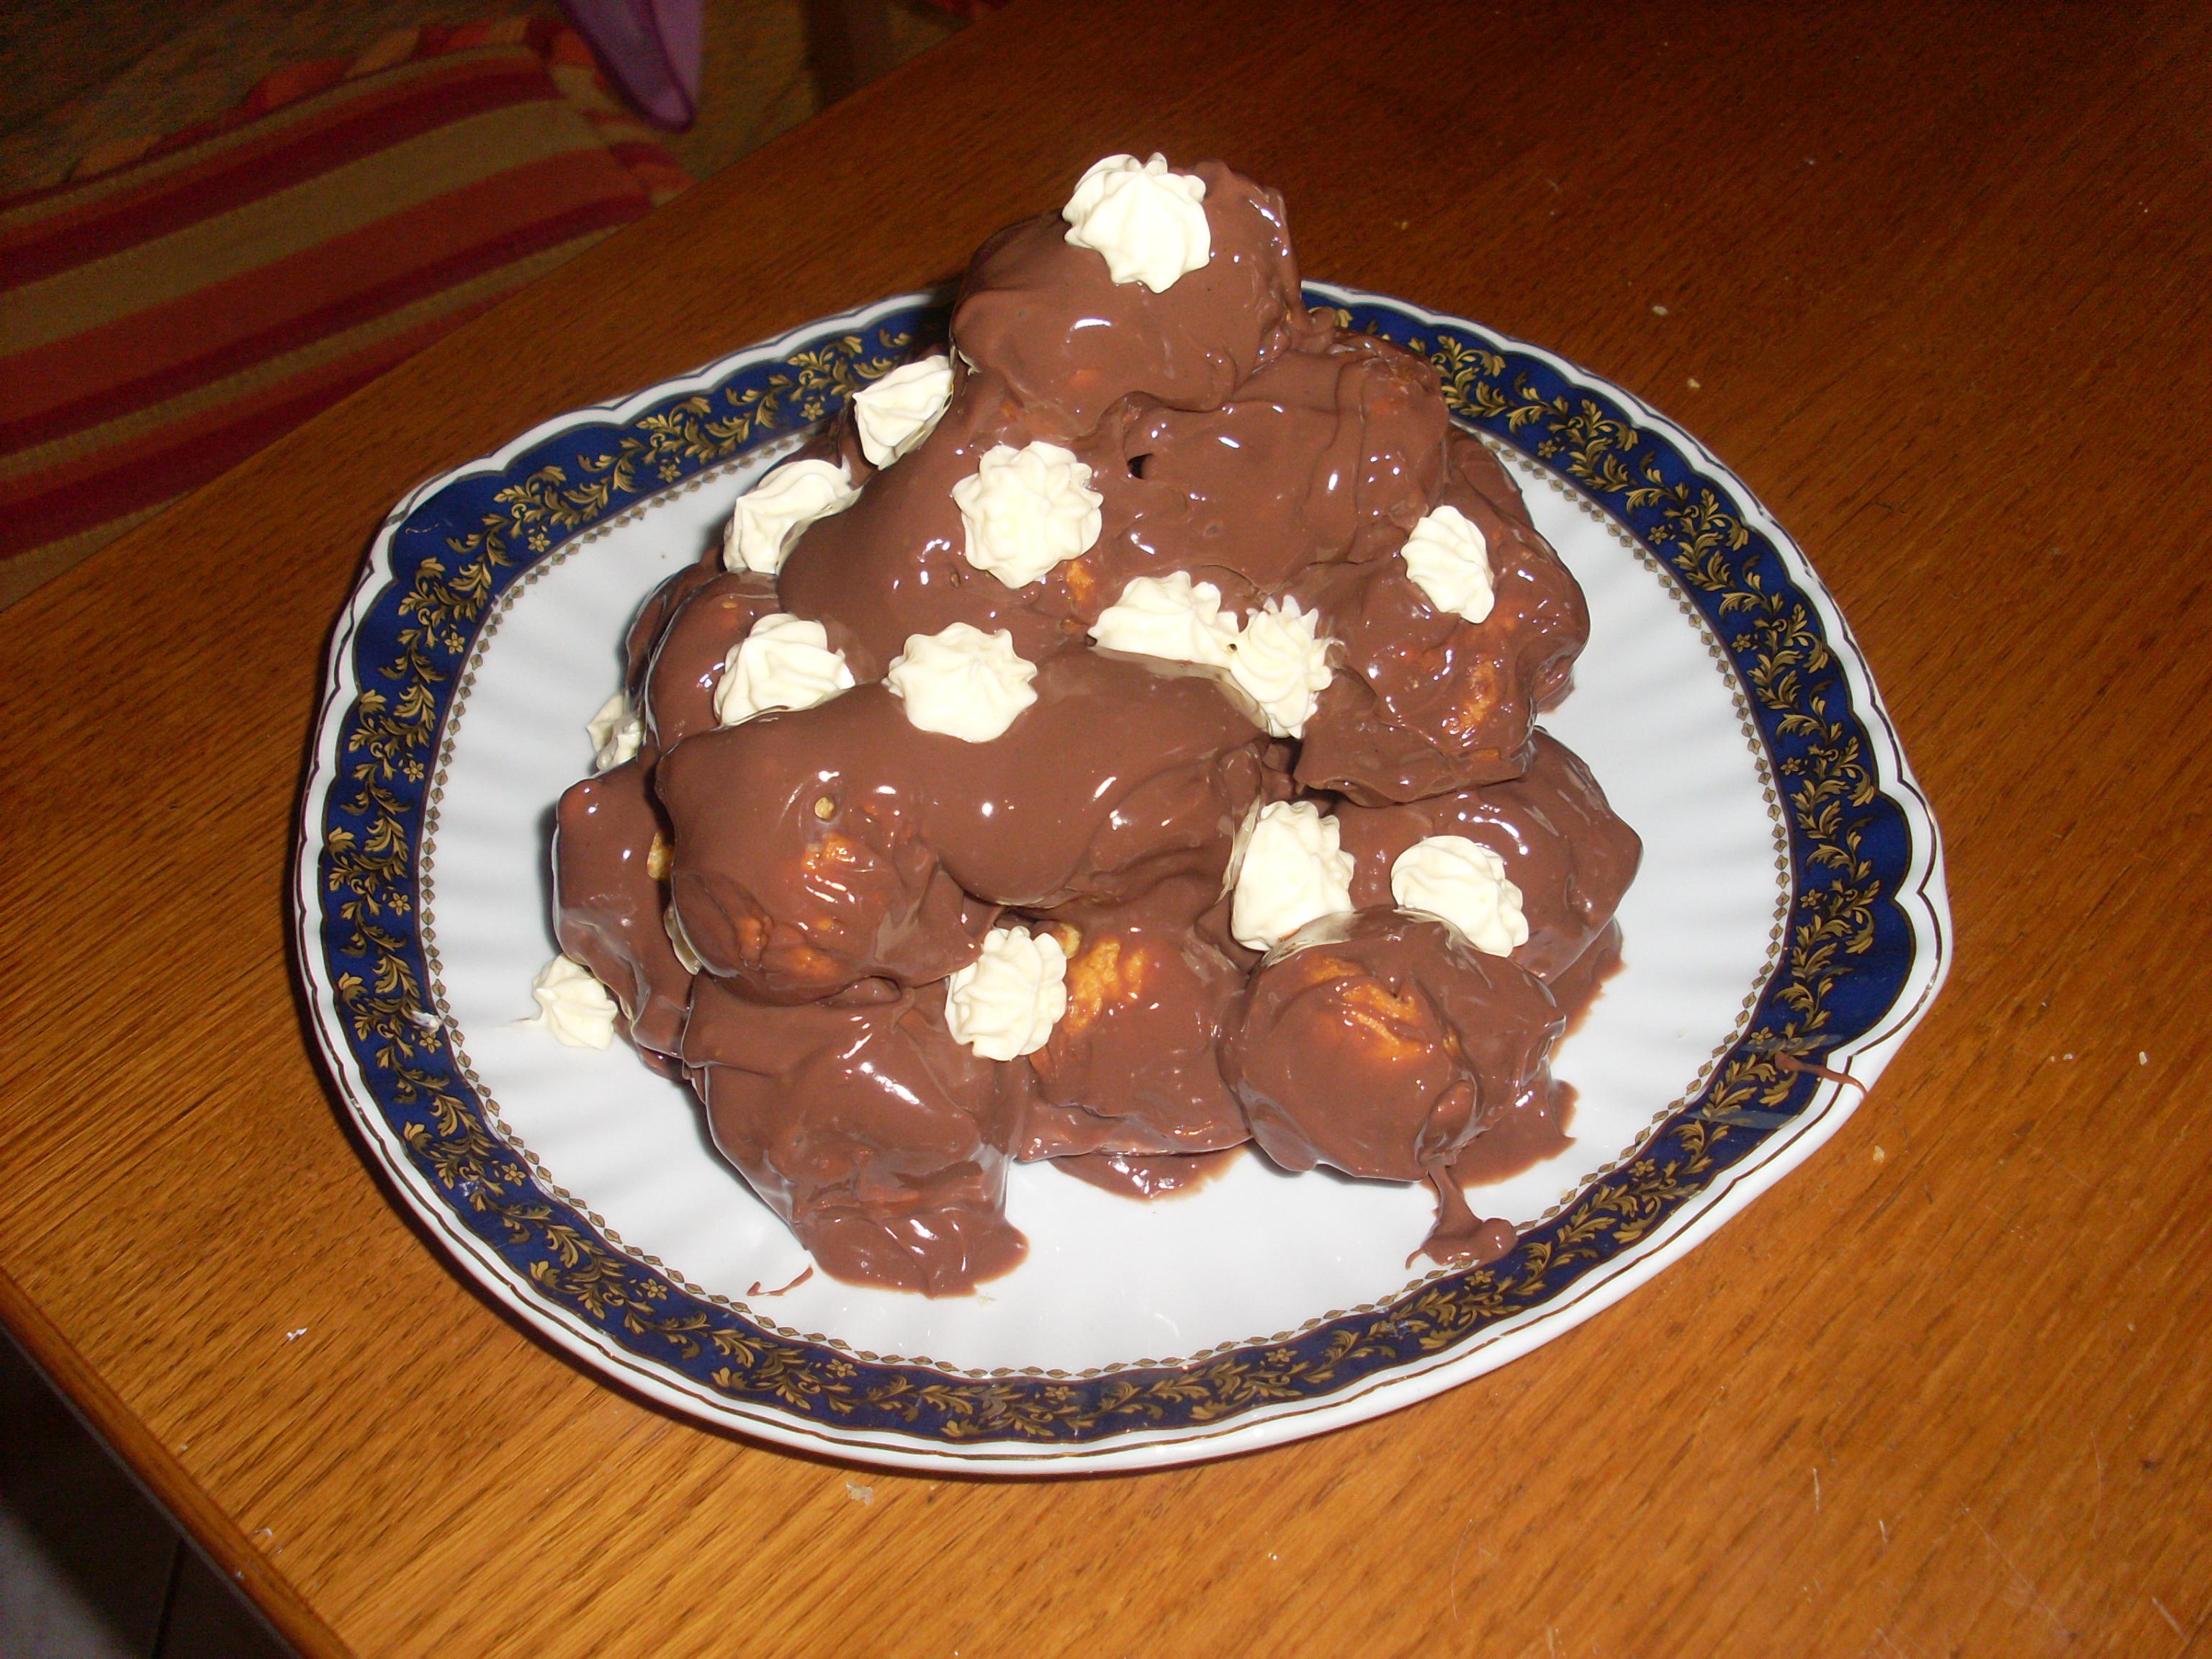 Profitterol panna e cioccolato (ricetta facile)